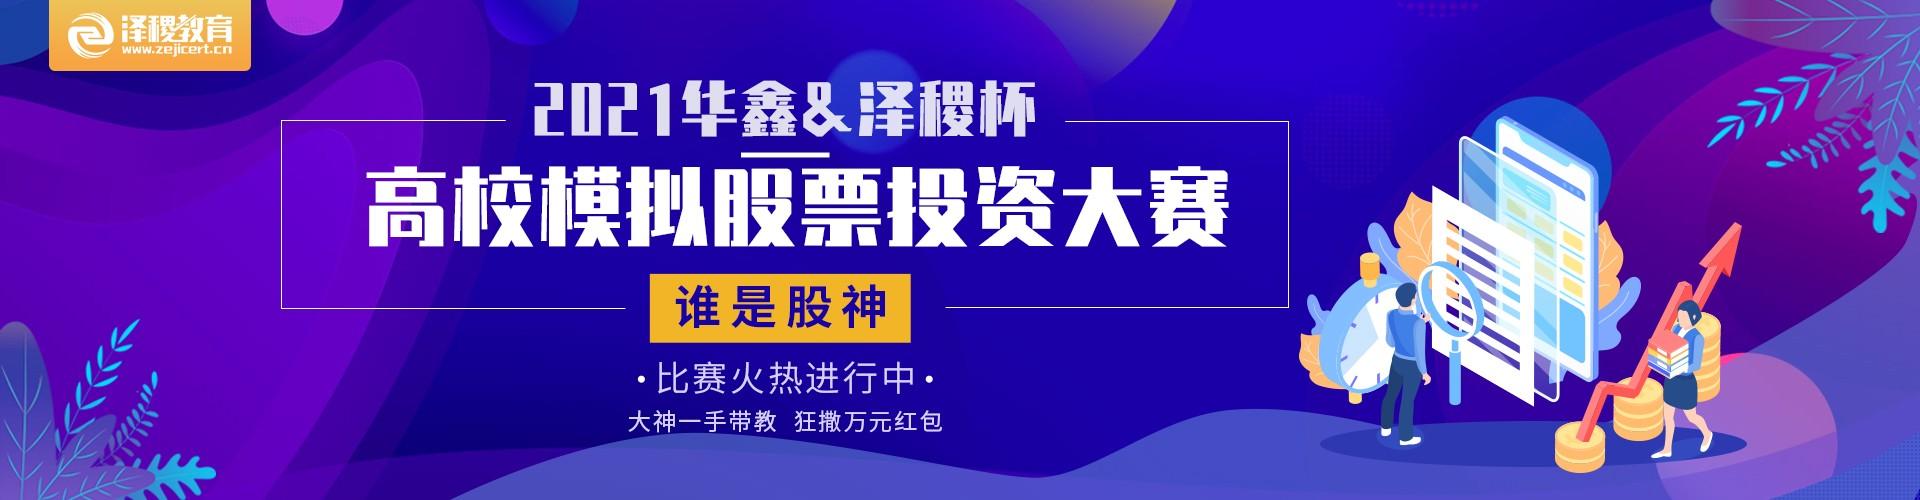 2021华鑫&泽稷杯